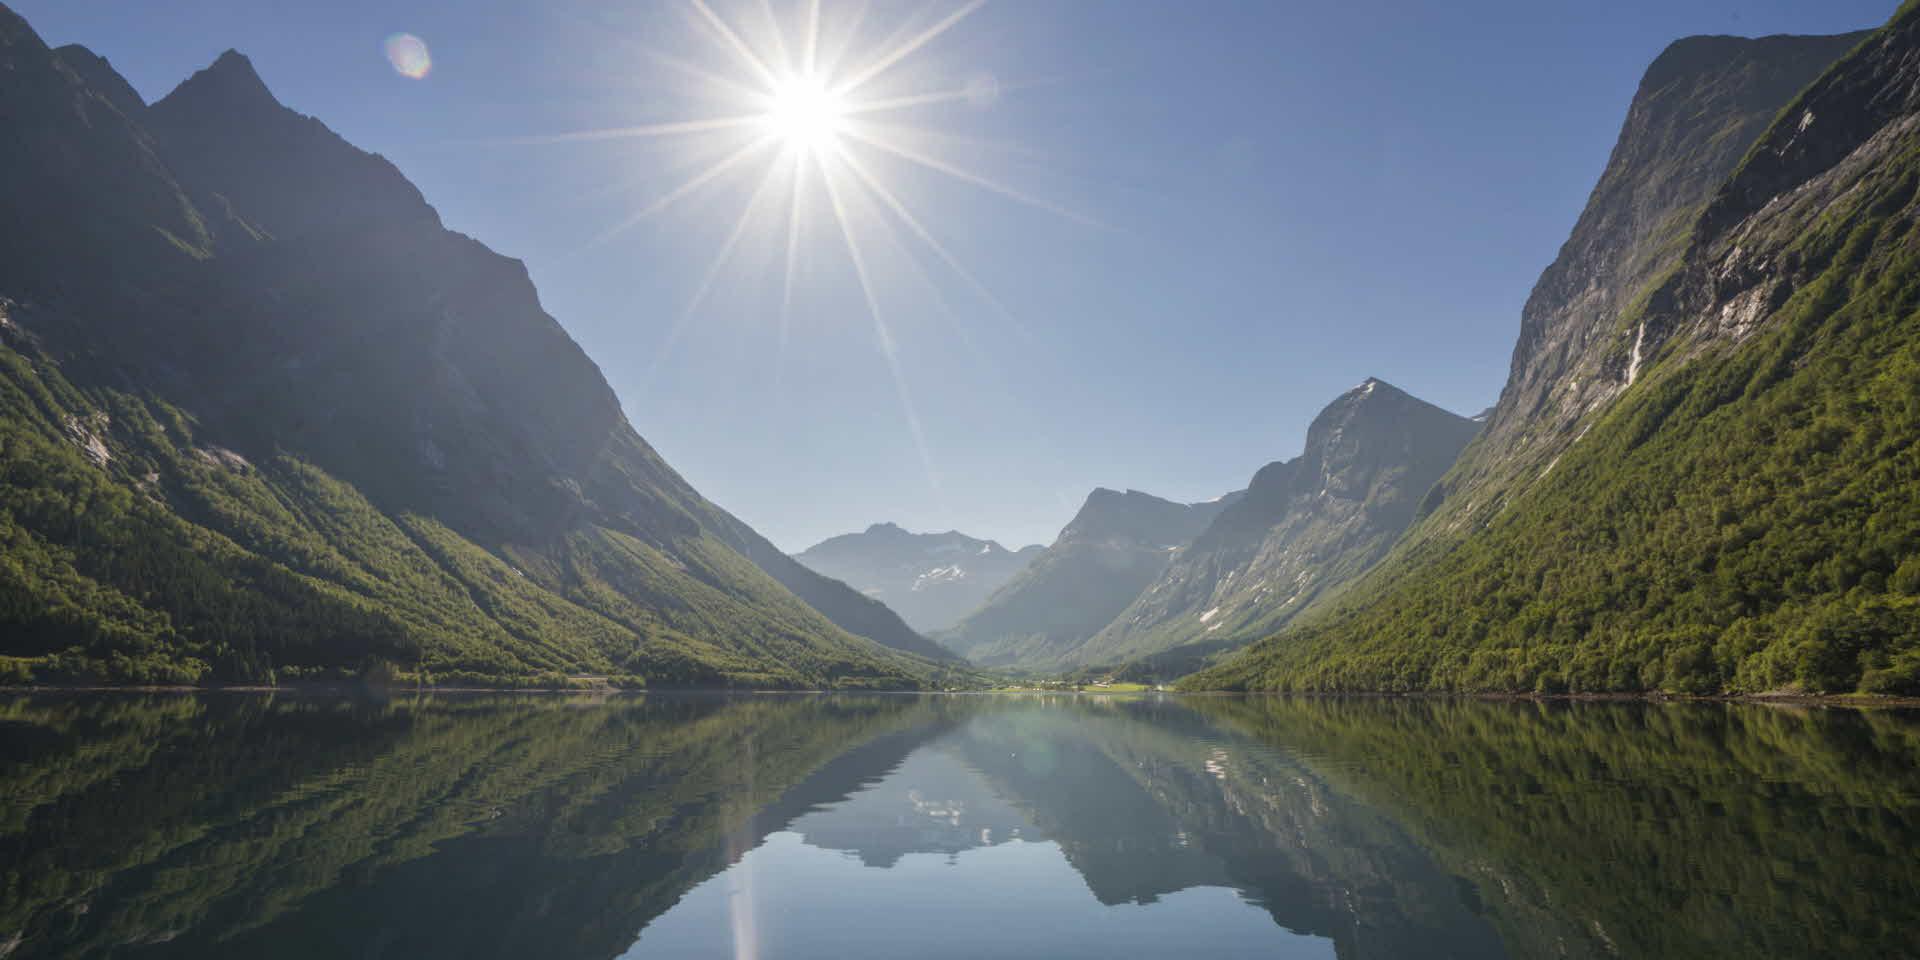 Asombrosa tranquilidad al navegar por el mar en calma de Hjørundfjord un despejado día de verano